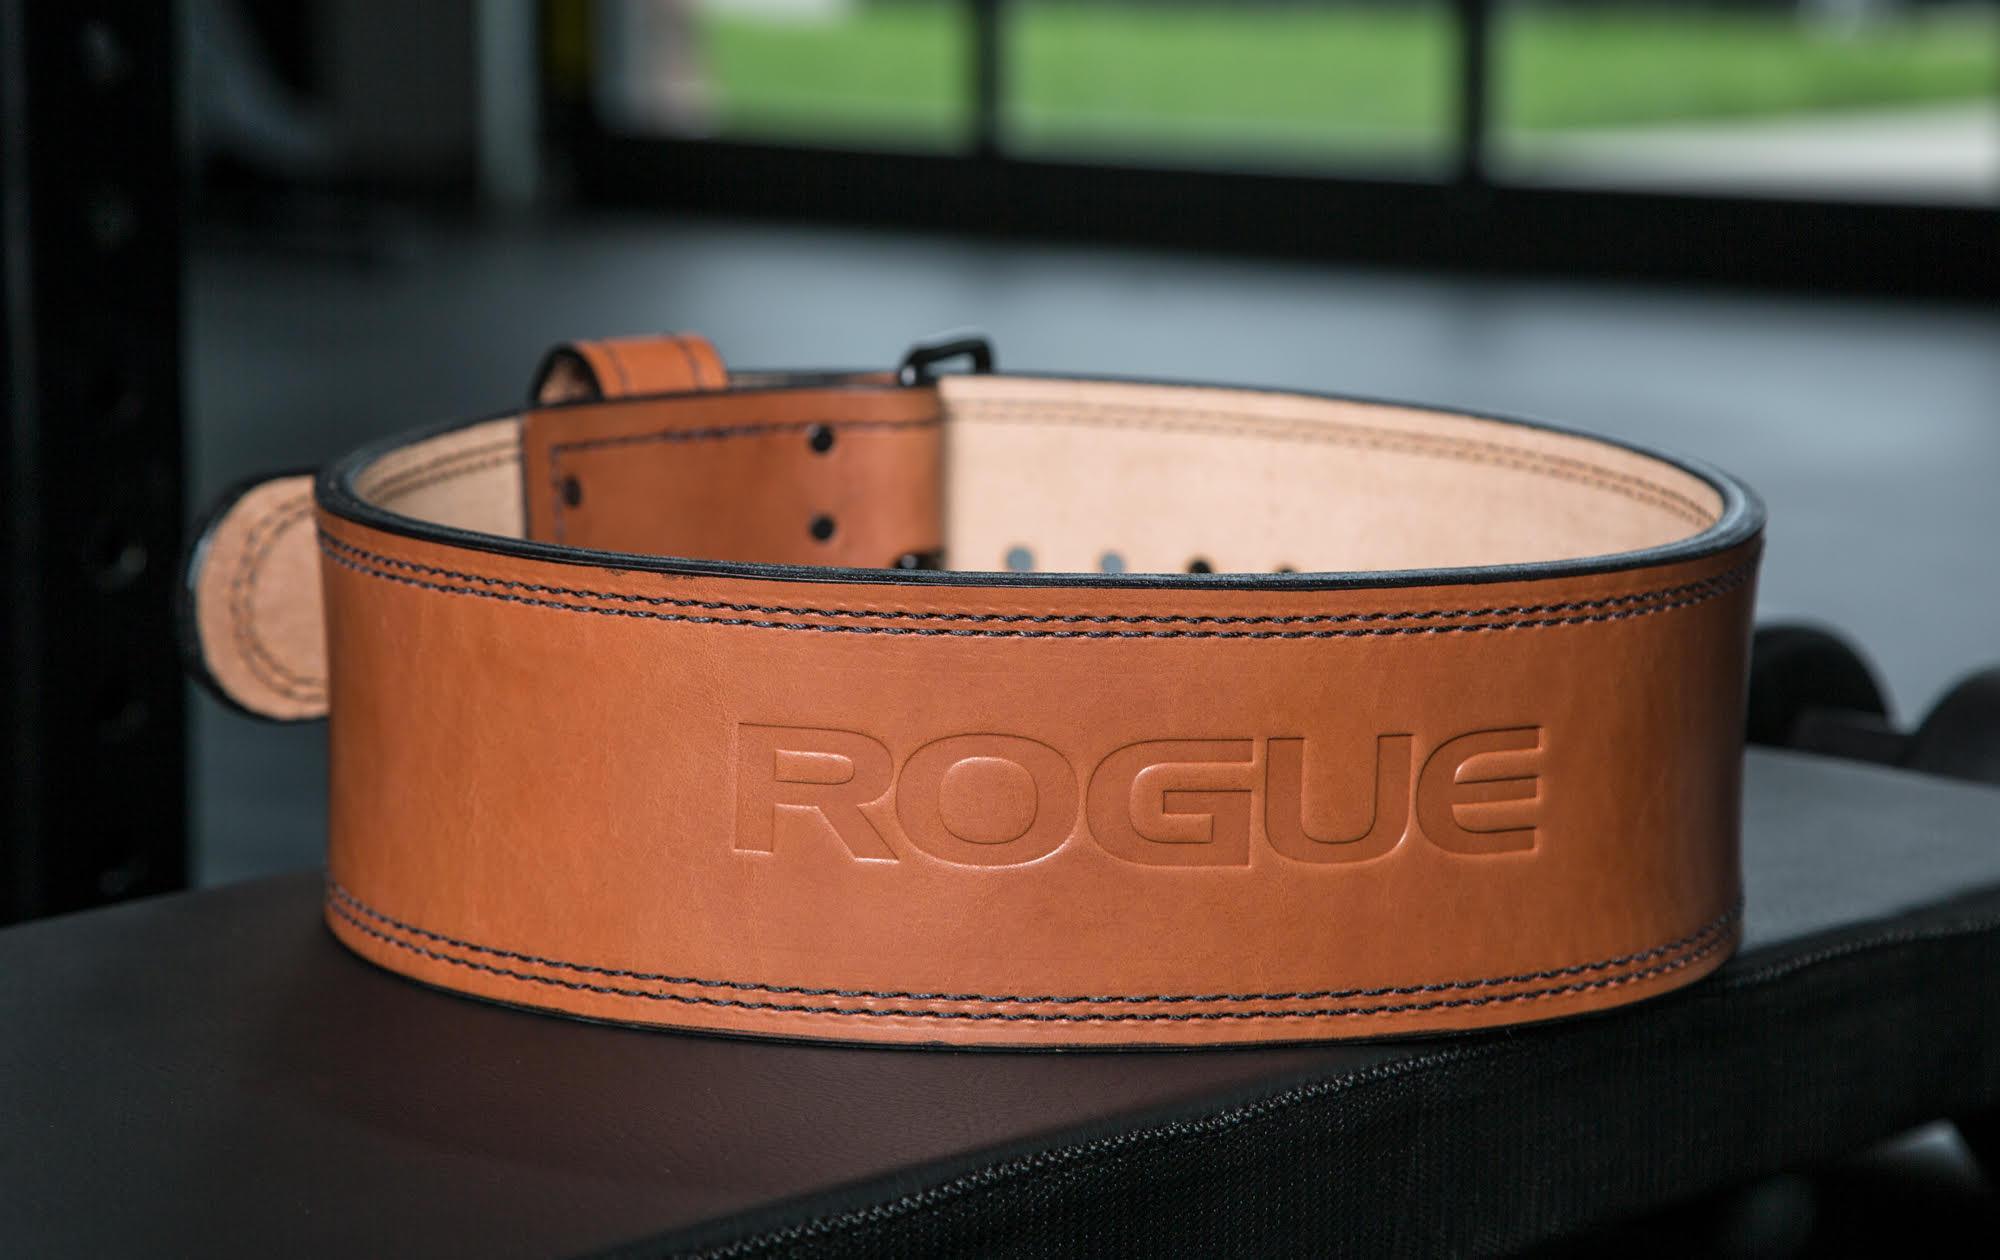 Rogue premium lifting belt